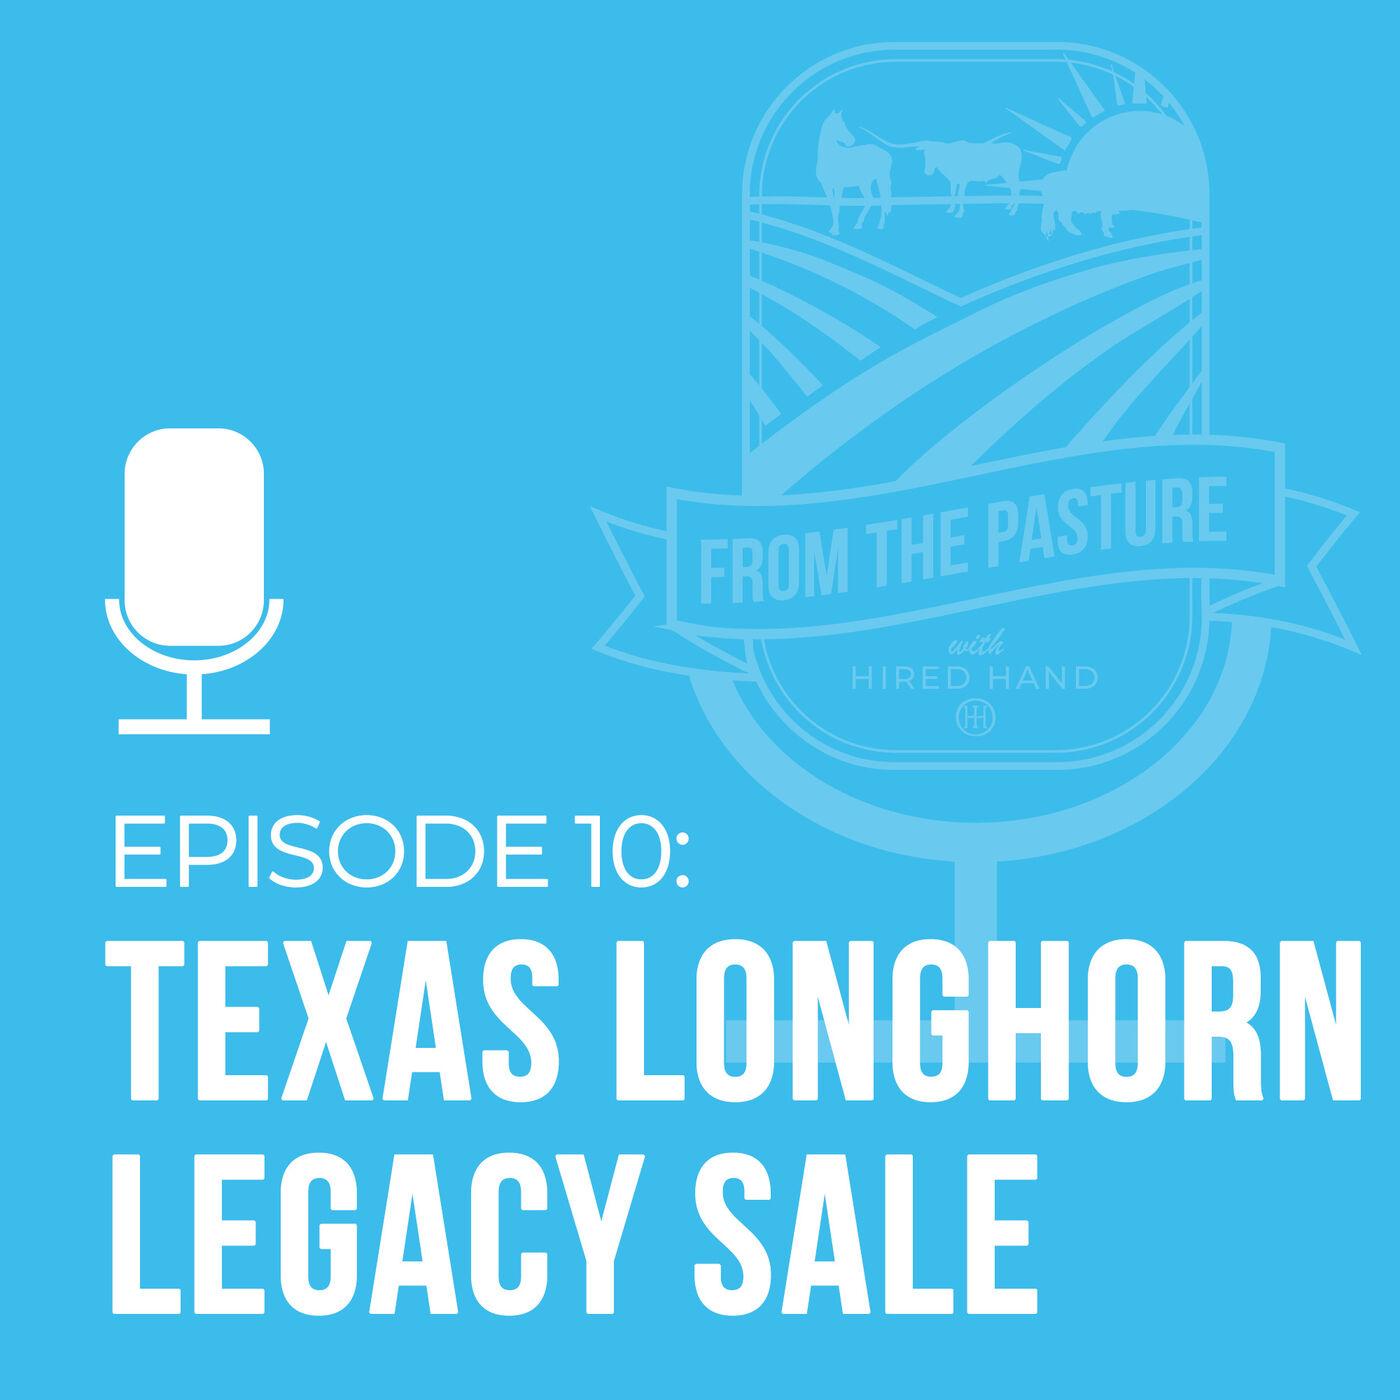 The Texas Longhorn Legacy Sale